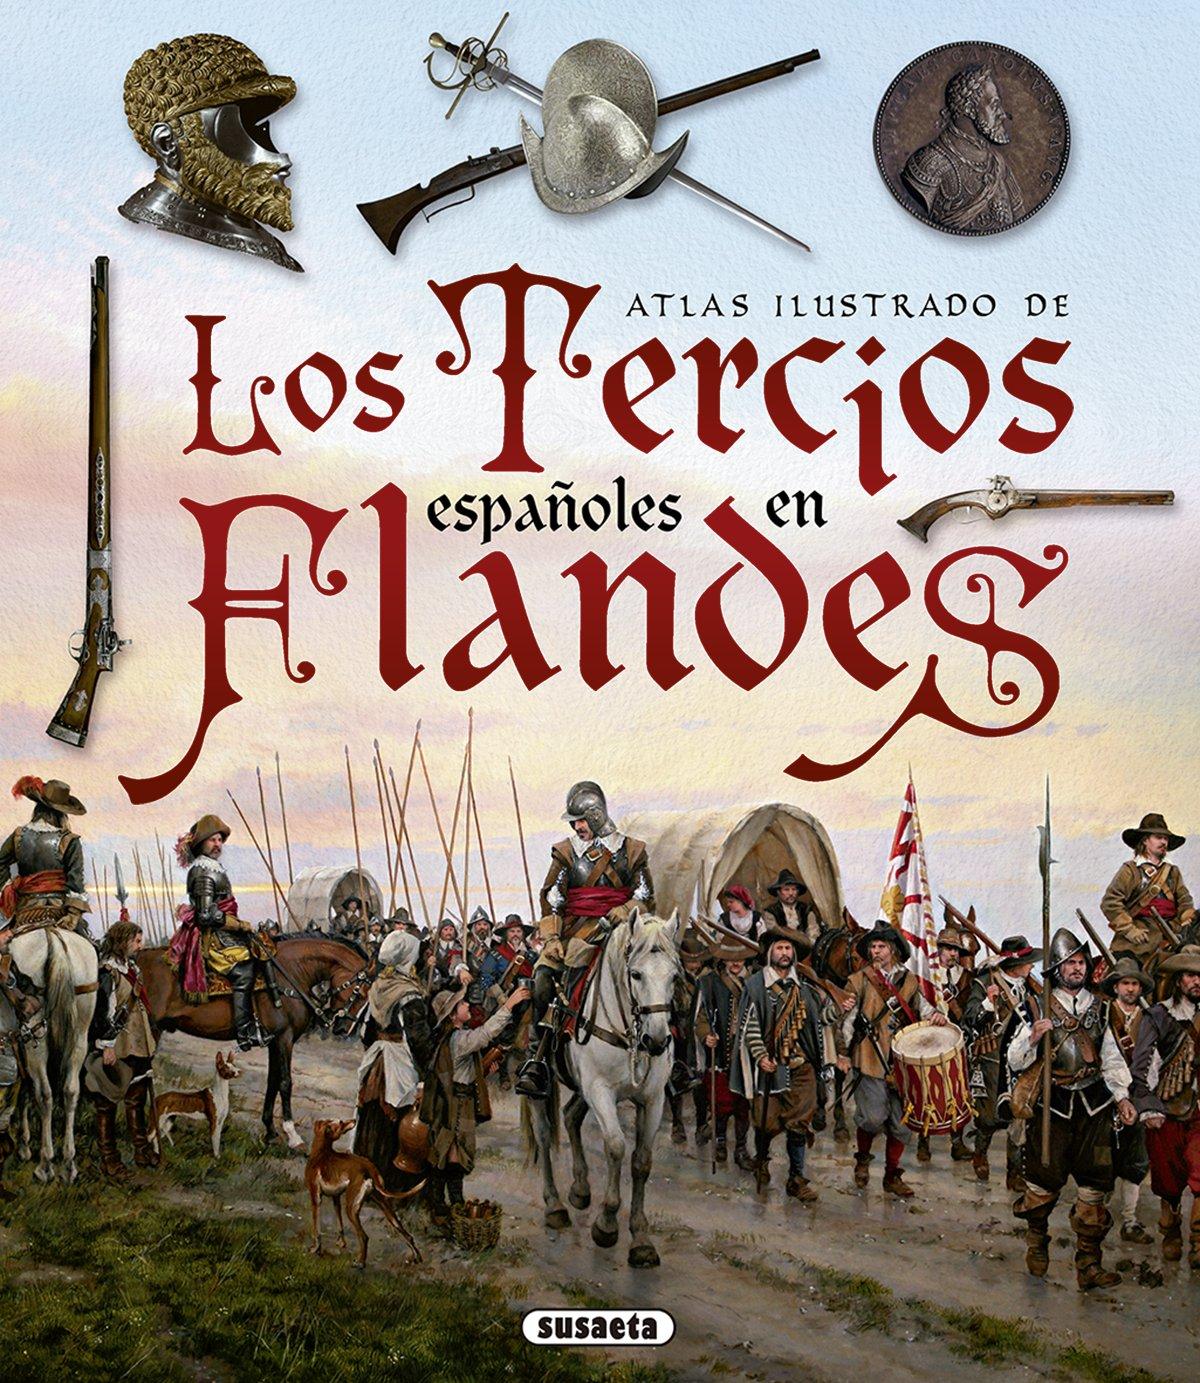 Los Tercios españoles en Flandes (Atlas Ilustrado): Amazon.es: Segura García, Germán, Vázquez Bravo, Hugo, Ferrer-Dalmau, Augusto, Vega Piniella, Ramón: Libros